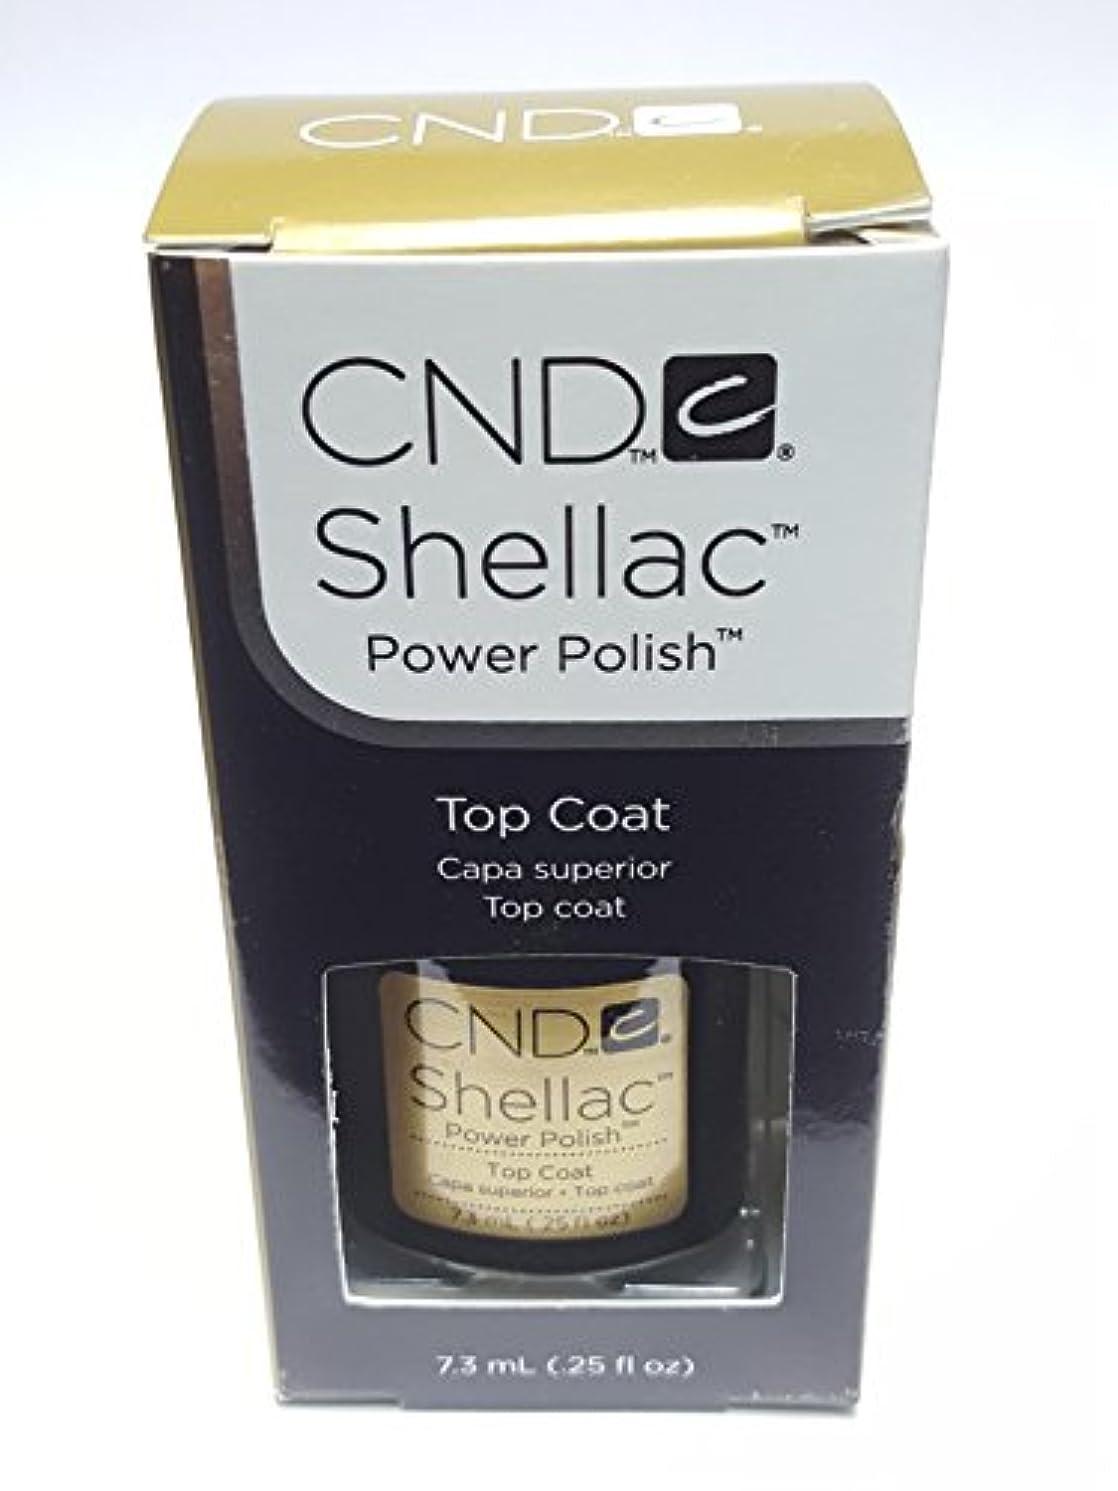 今日分子暗いCND シーエヌディー shellac シェラック パワーポリッシュ UVトップコート 7.3ml 炭酸泉タブレット1個付き